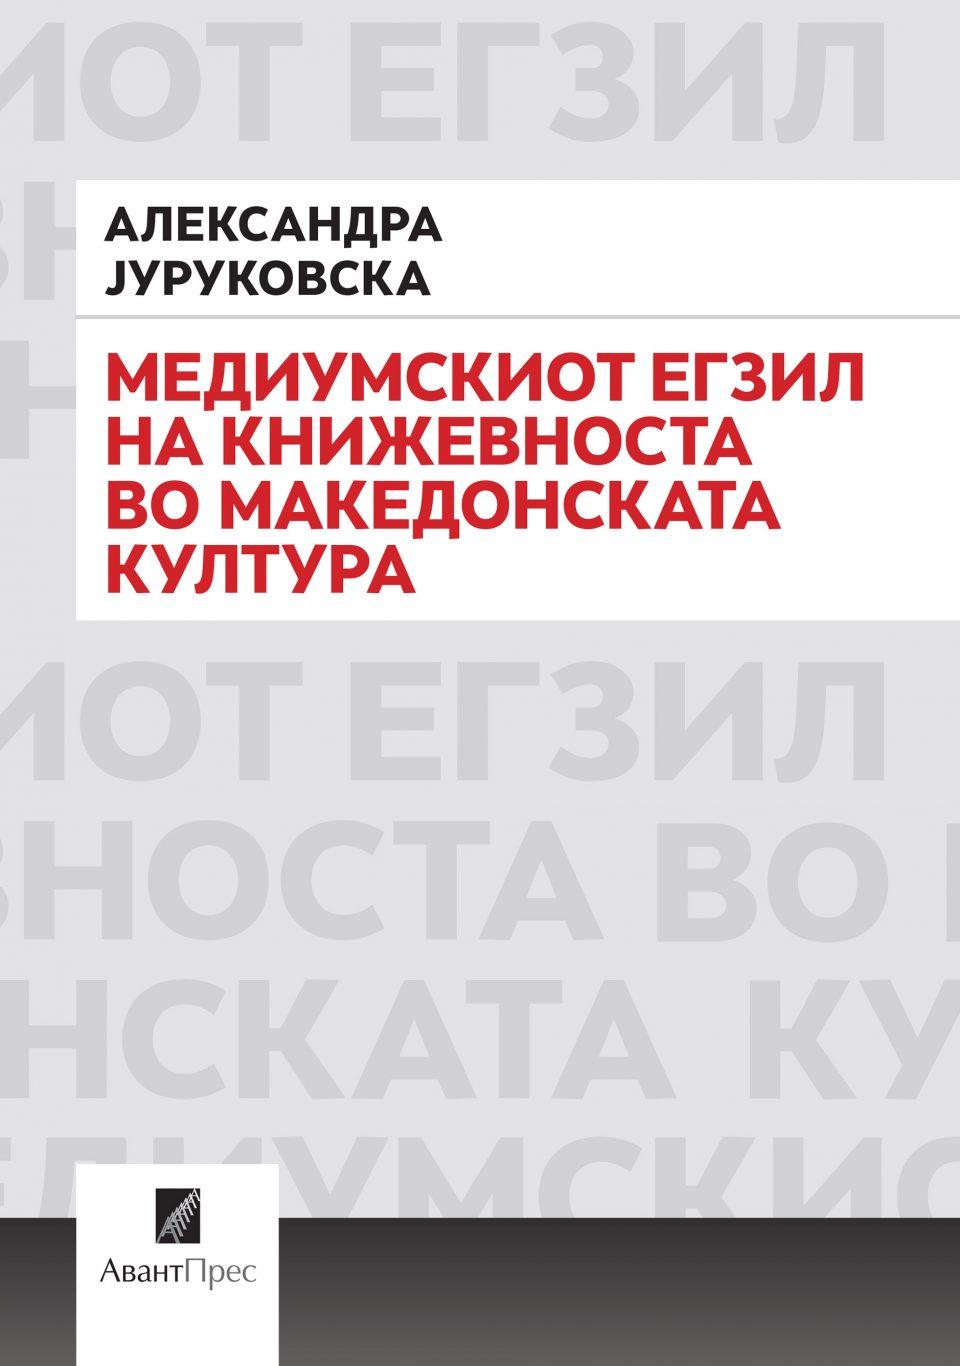 """Промоција на книгата """"Медиумскиот егзил на книжевноста во македонската култура"""" од Александра Јуруковска"""